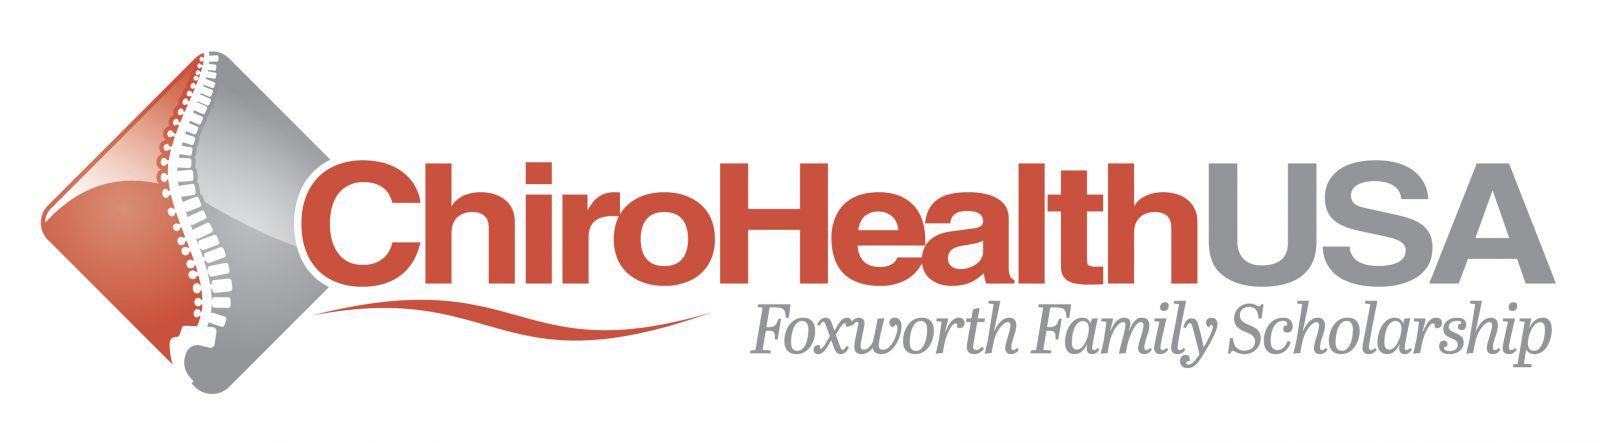 CHUSA-Foxworth-Family-Scholarship-Logo-01